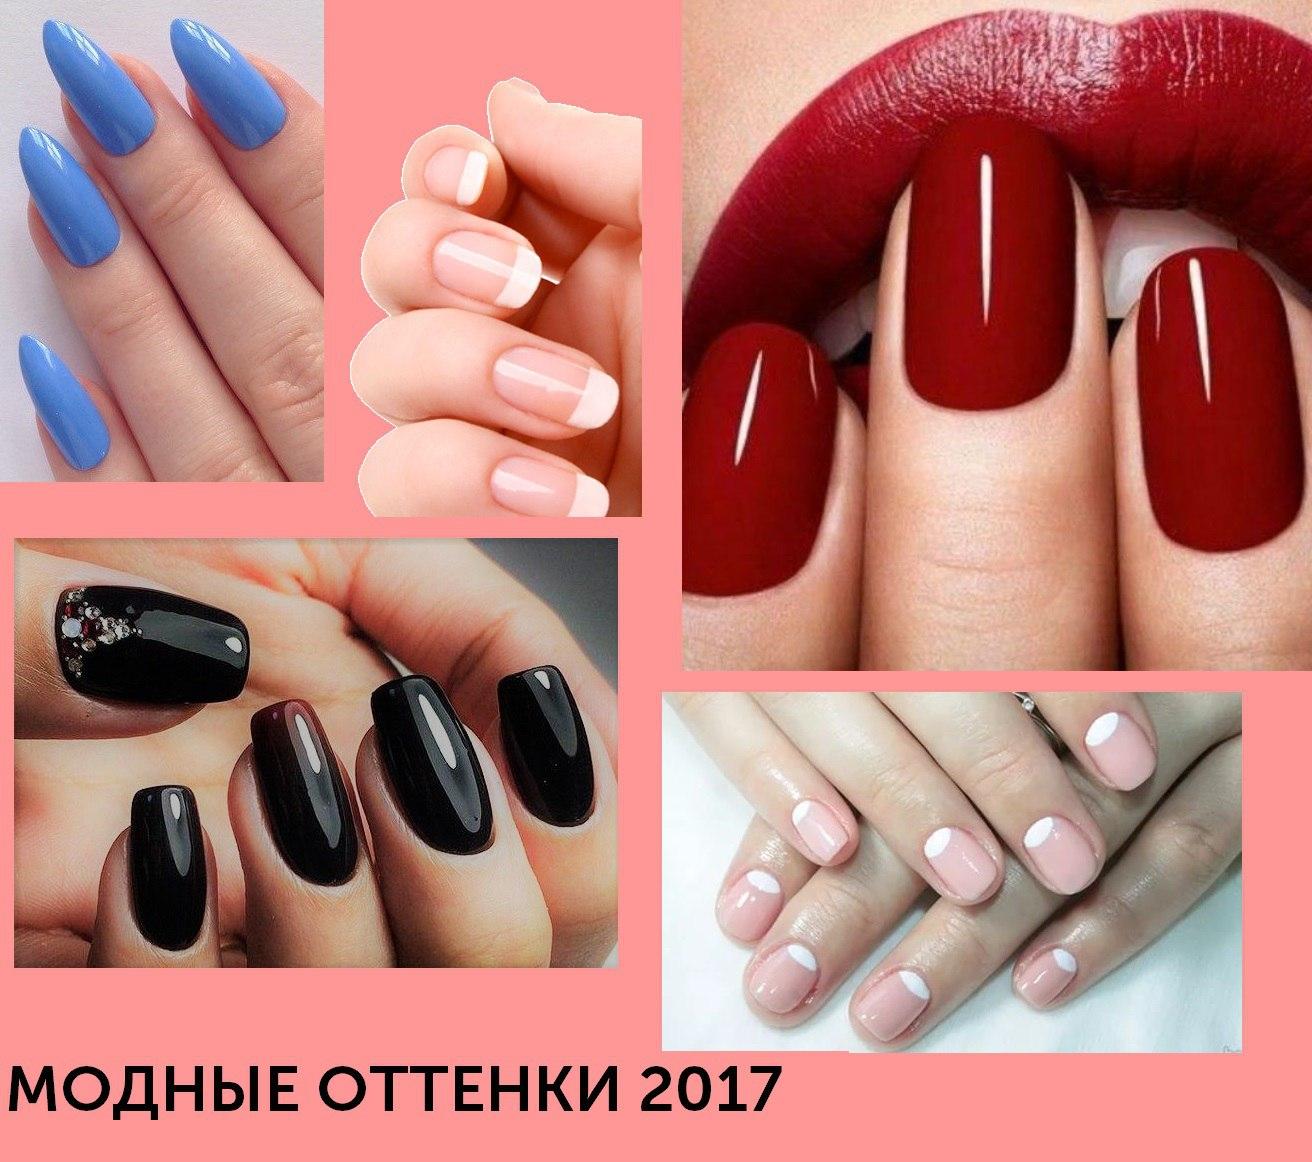 Мода ногти цвет